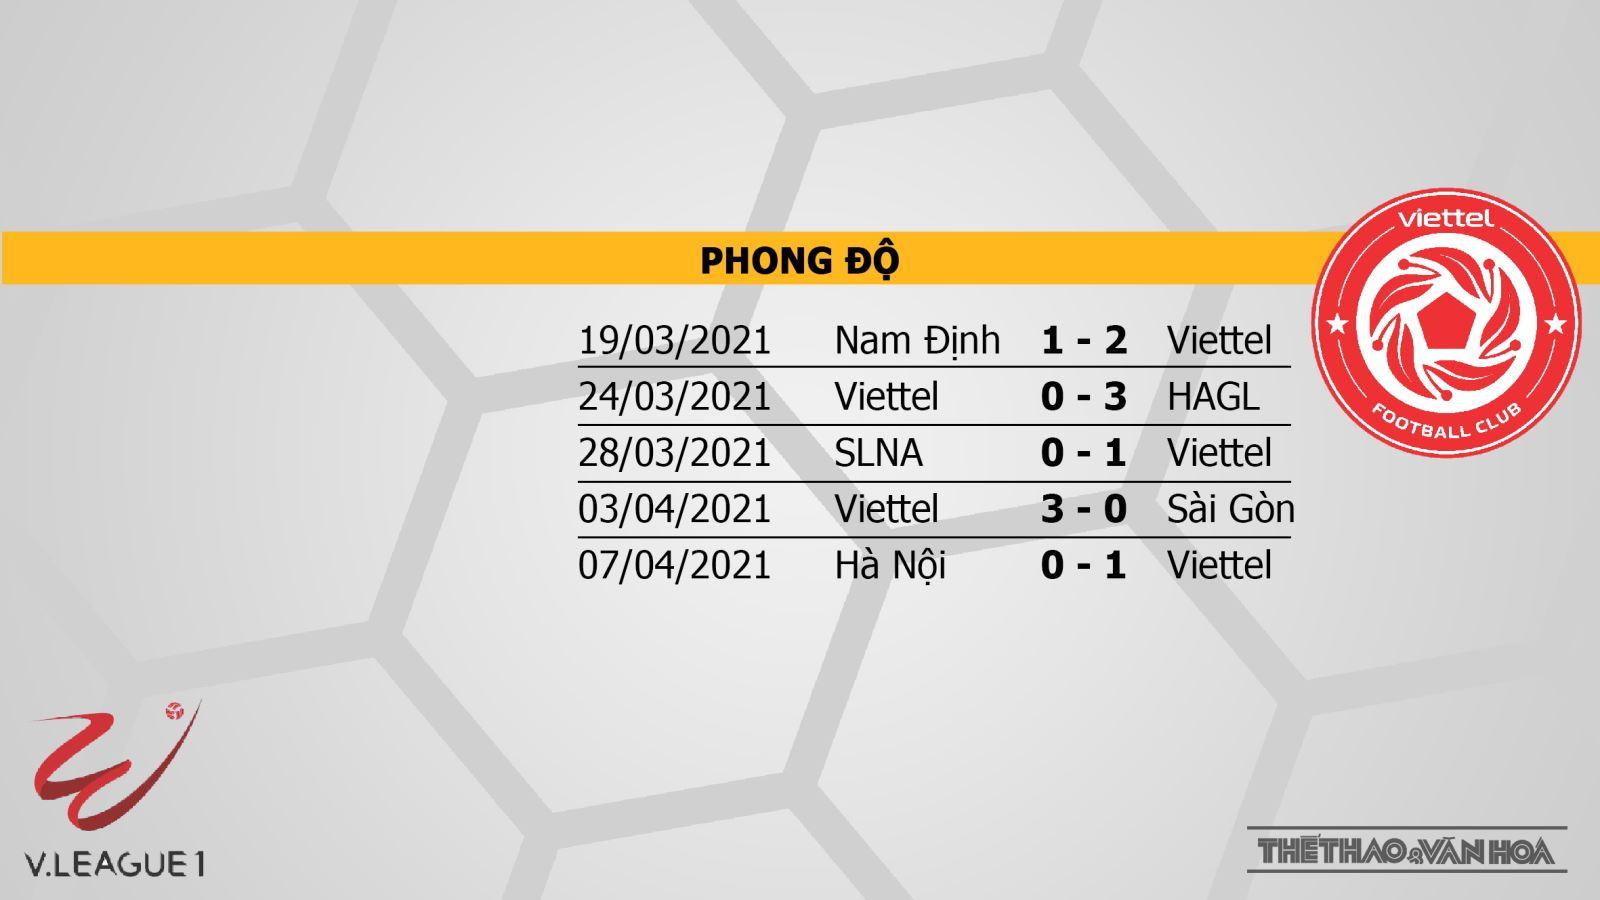 Keo nha cai, Kèo nhà cái, Bình Định vs Viettel, BĐTV, Trực tiếp bóng đá Việt Nam, kèo bóng đá, trực tiếp Bình Định đấu với Viettel, lịch thi đấu V-League, bxh V-League